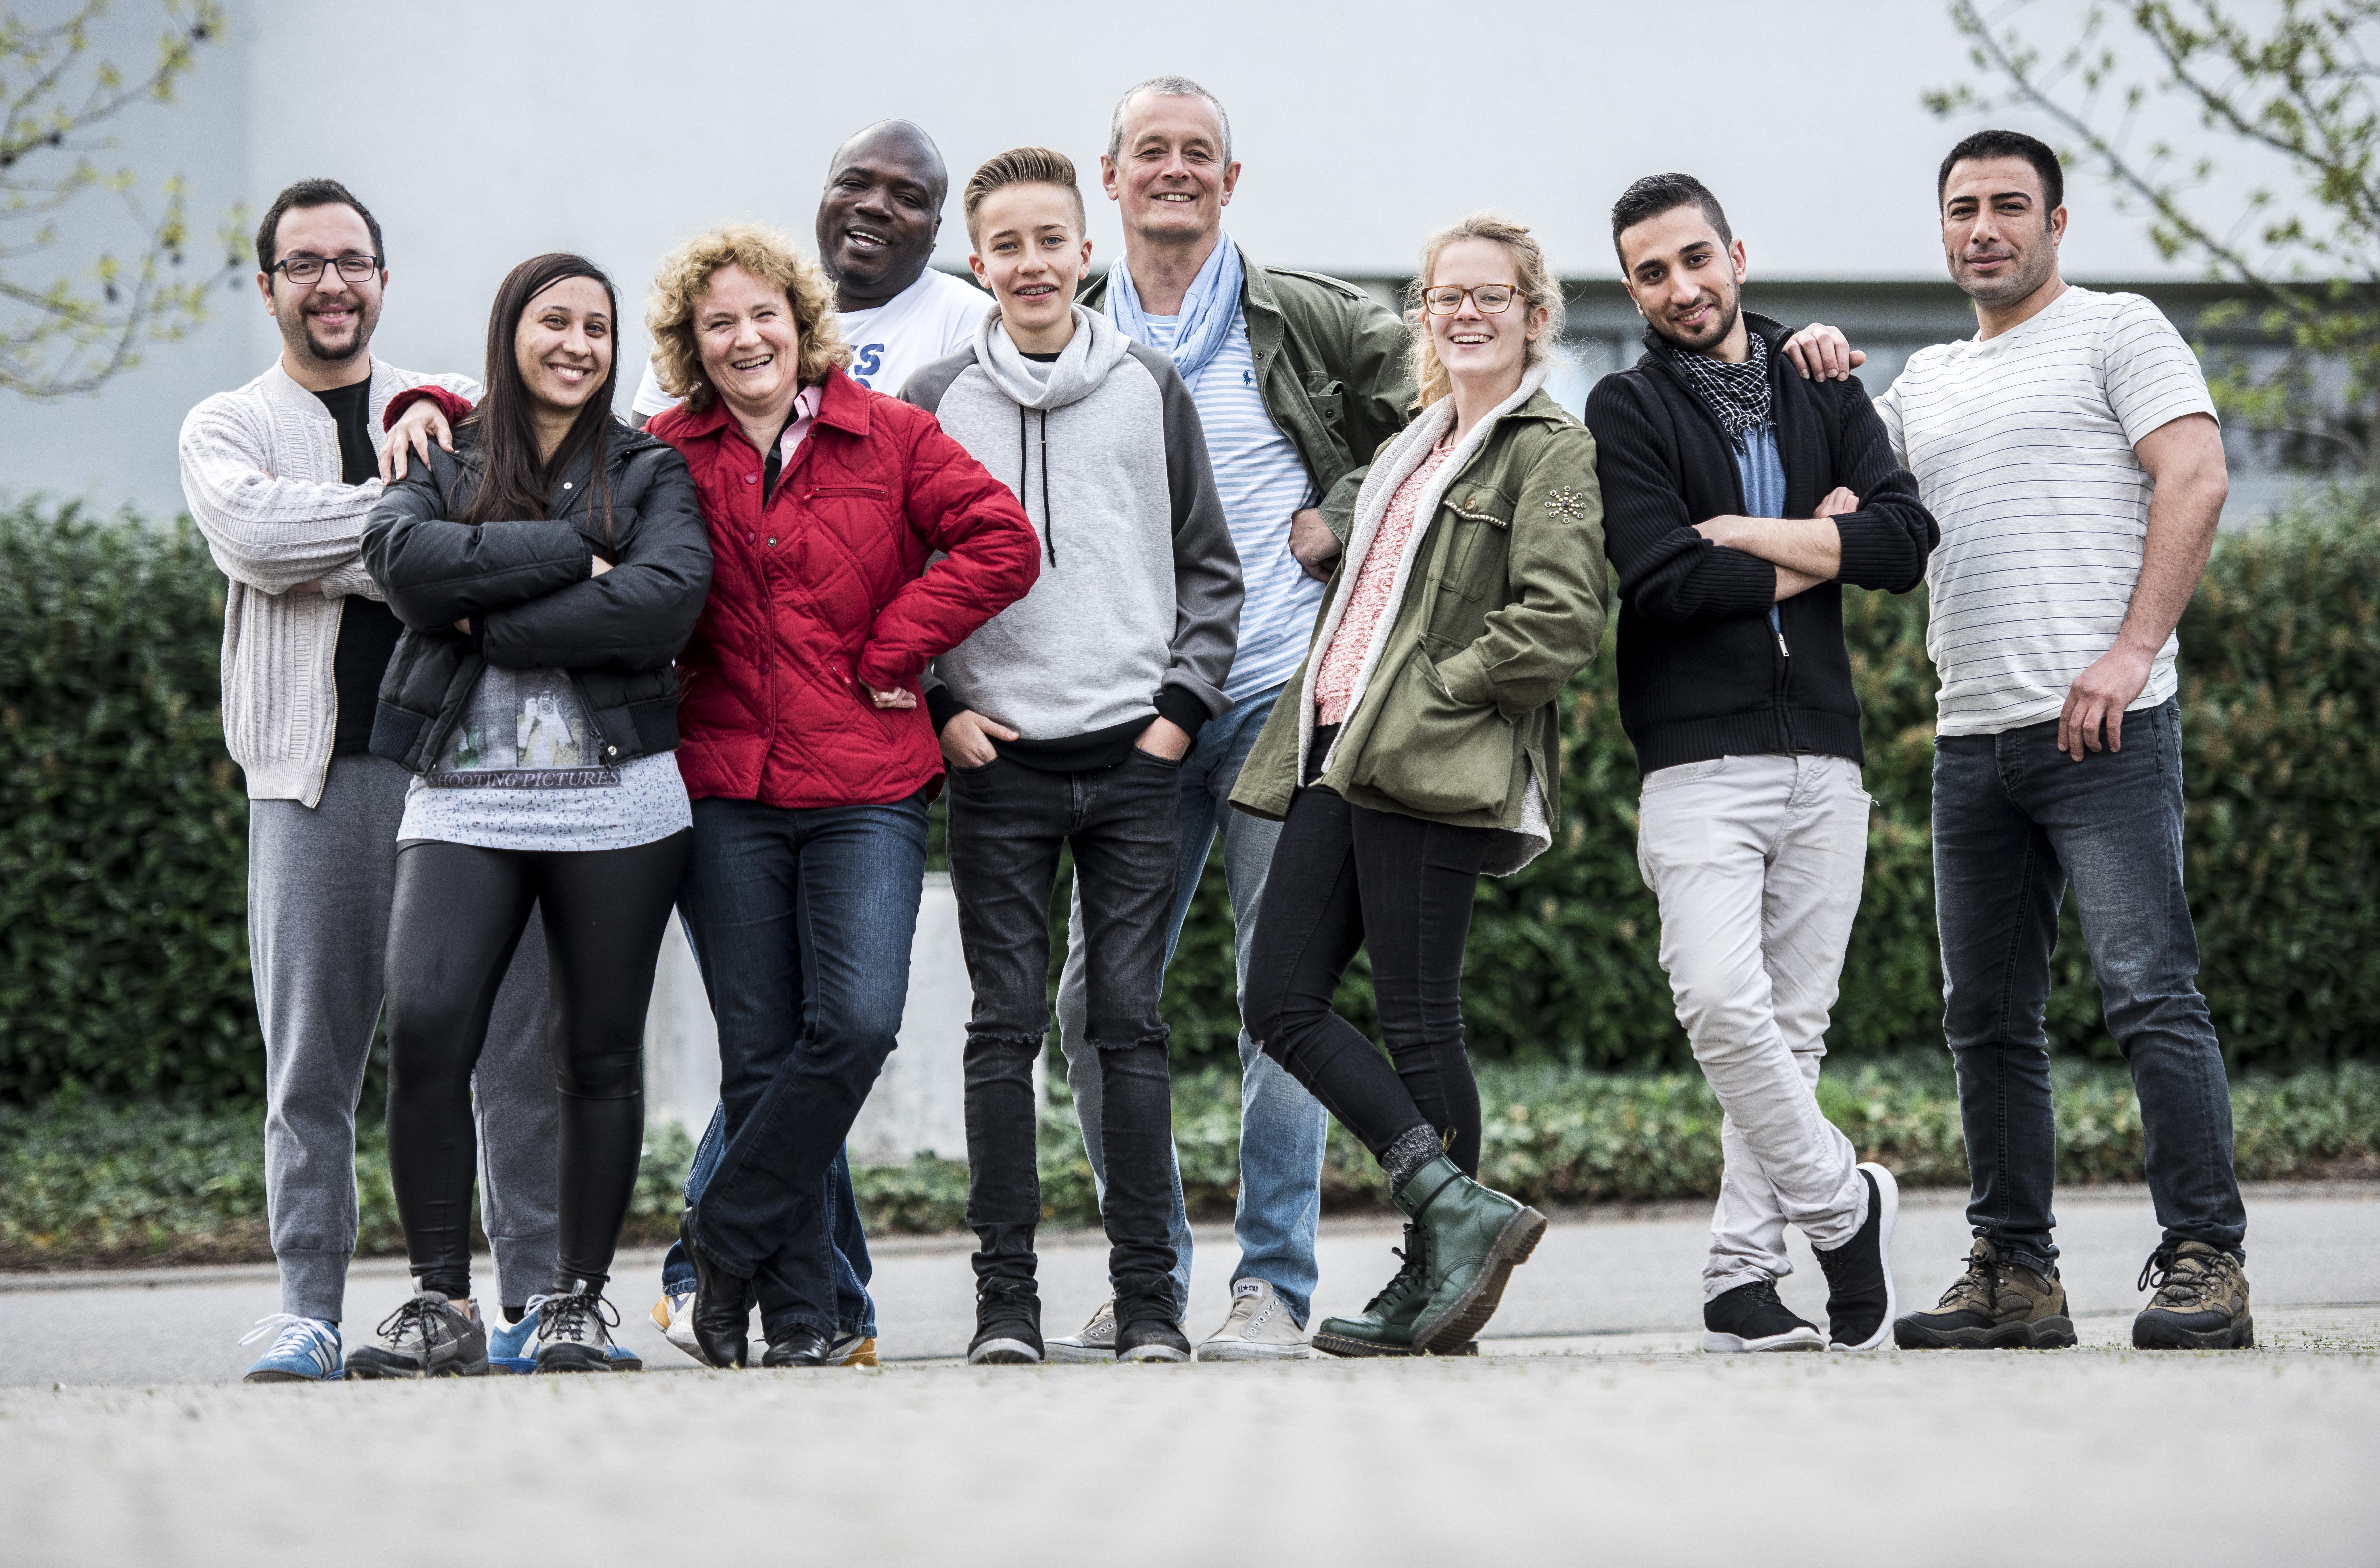 Bild: Scheuber 24.04.2016 / 24_04_2016 / WNL Weinheim Waid: GUPS-Hotel, Probe der Refugee-Band, BILD von der kompletten Band für SLK, Stadt Land Kind. Instrumente, Gitarre, Band.